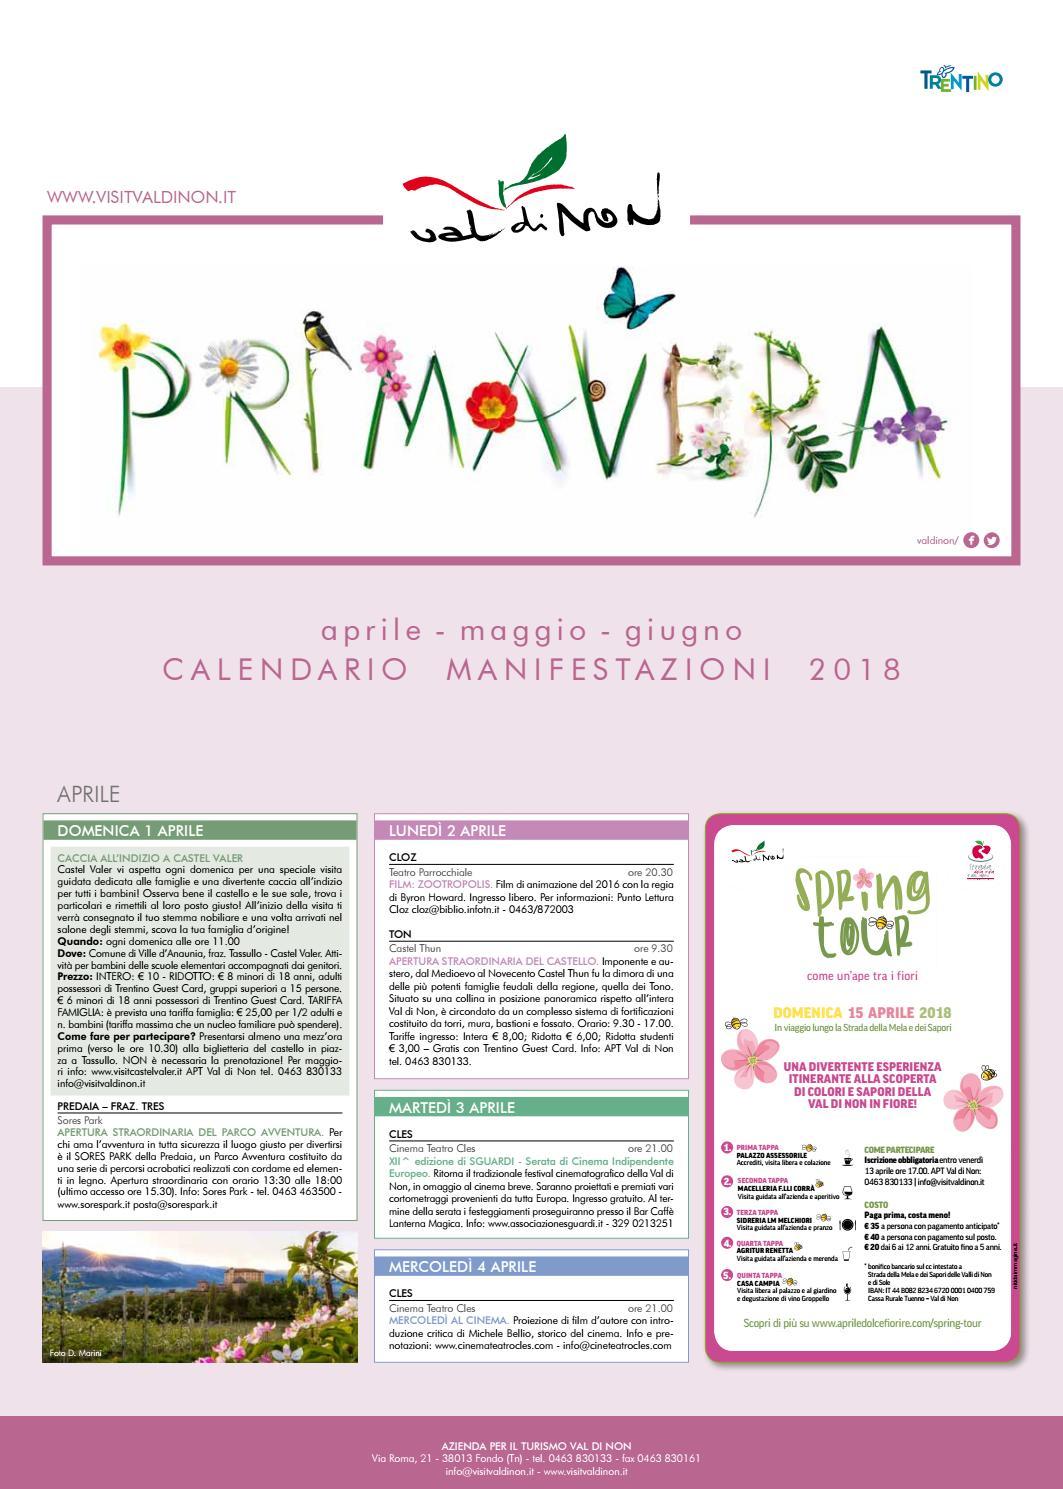 Tabloid primavera 2018 web by Apt Val di Non - issuu 4a366ad56f2